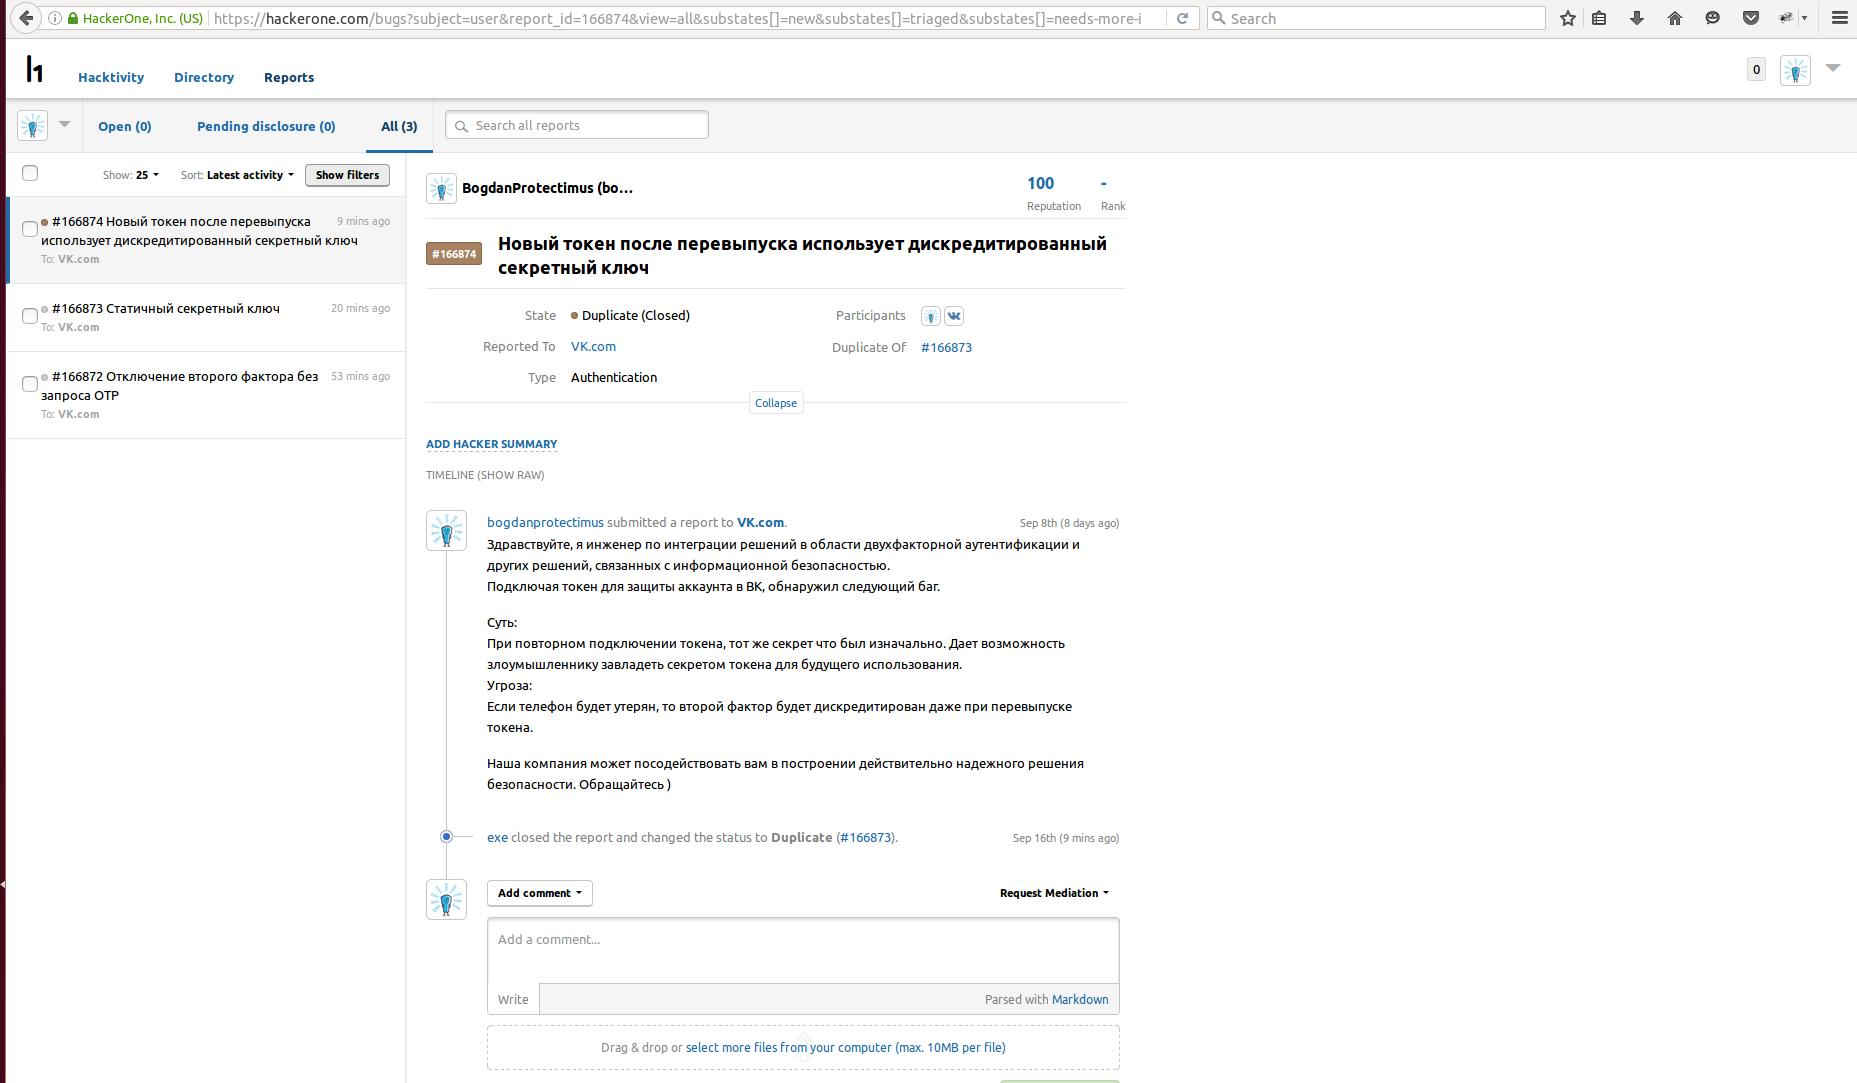 Двойная аутентификация Вконтакте — секс или имитация? - 7